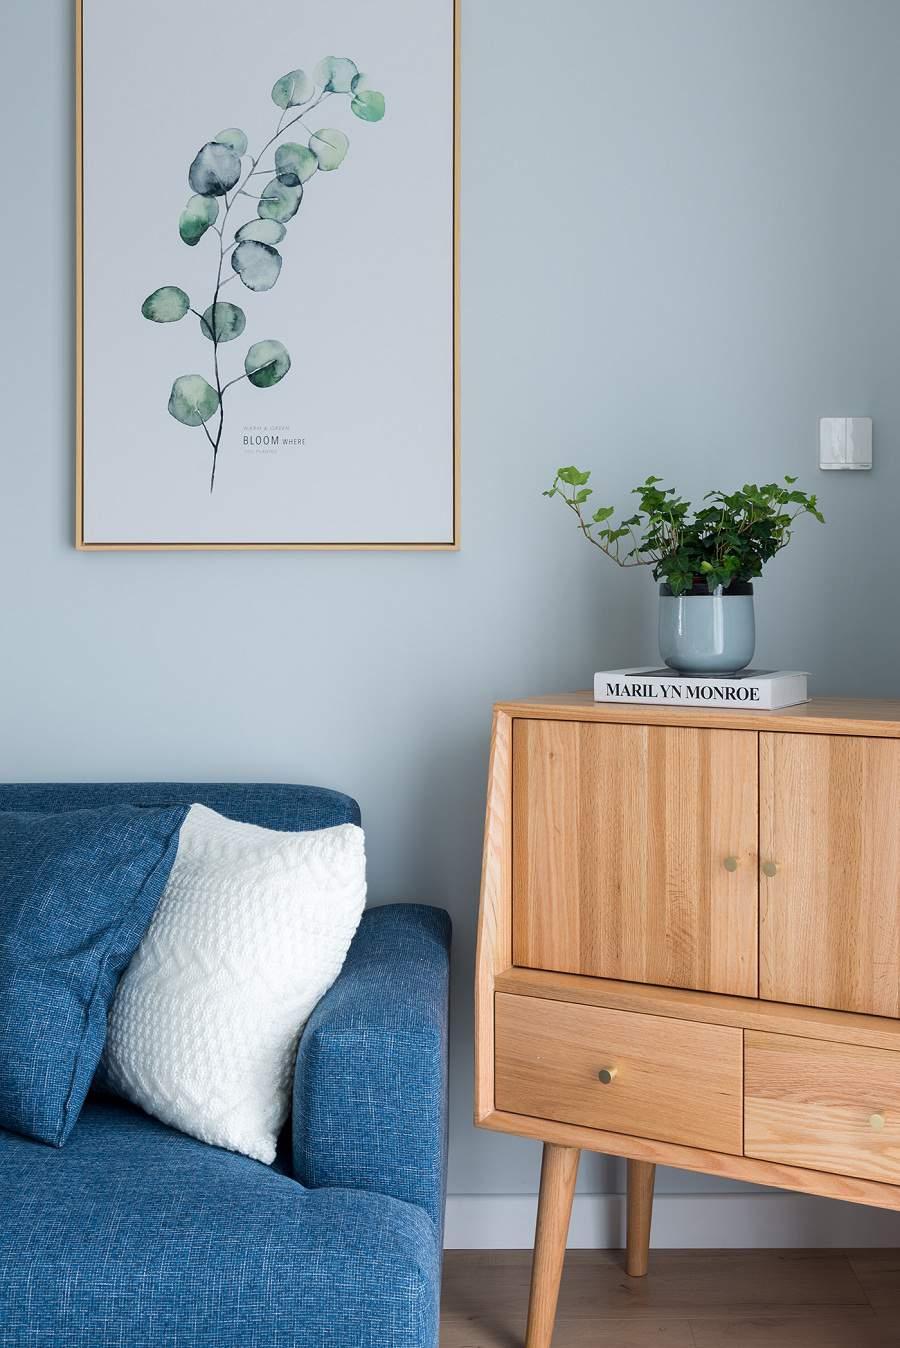 Thiết kế nội thất tối giản cho căn hộ chung cư hiện đại